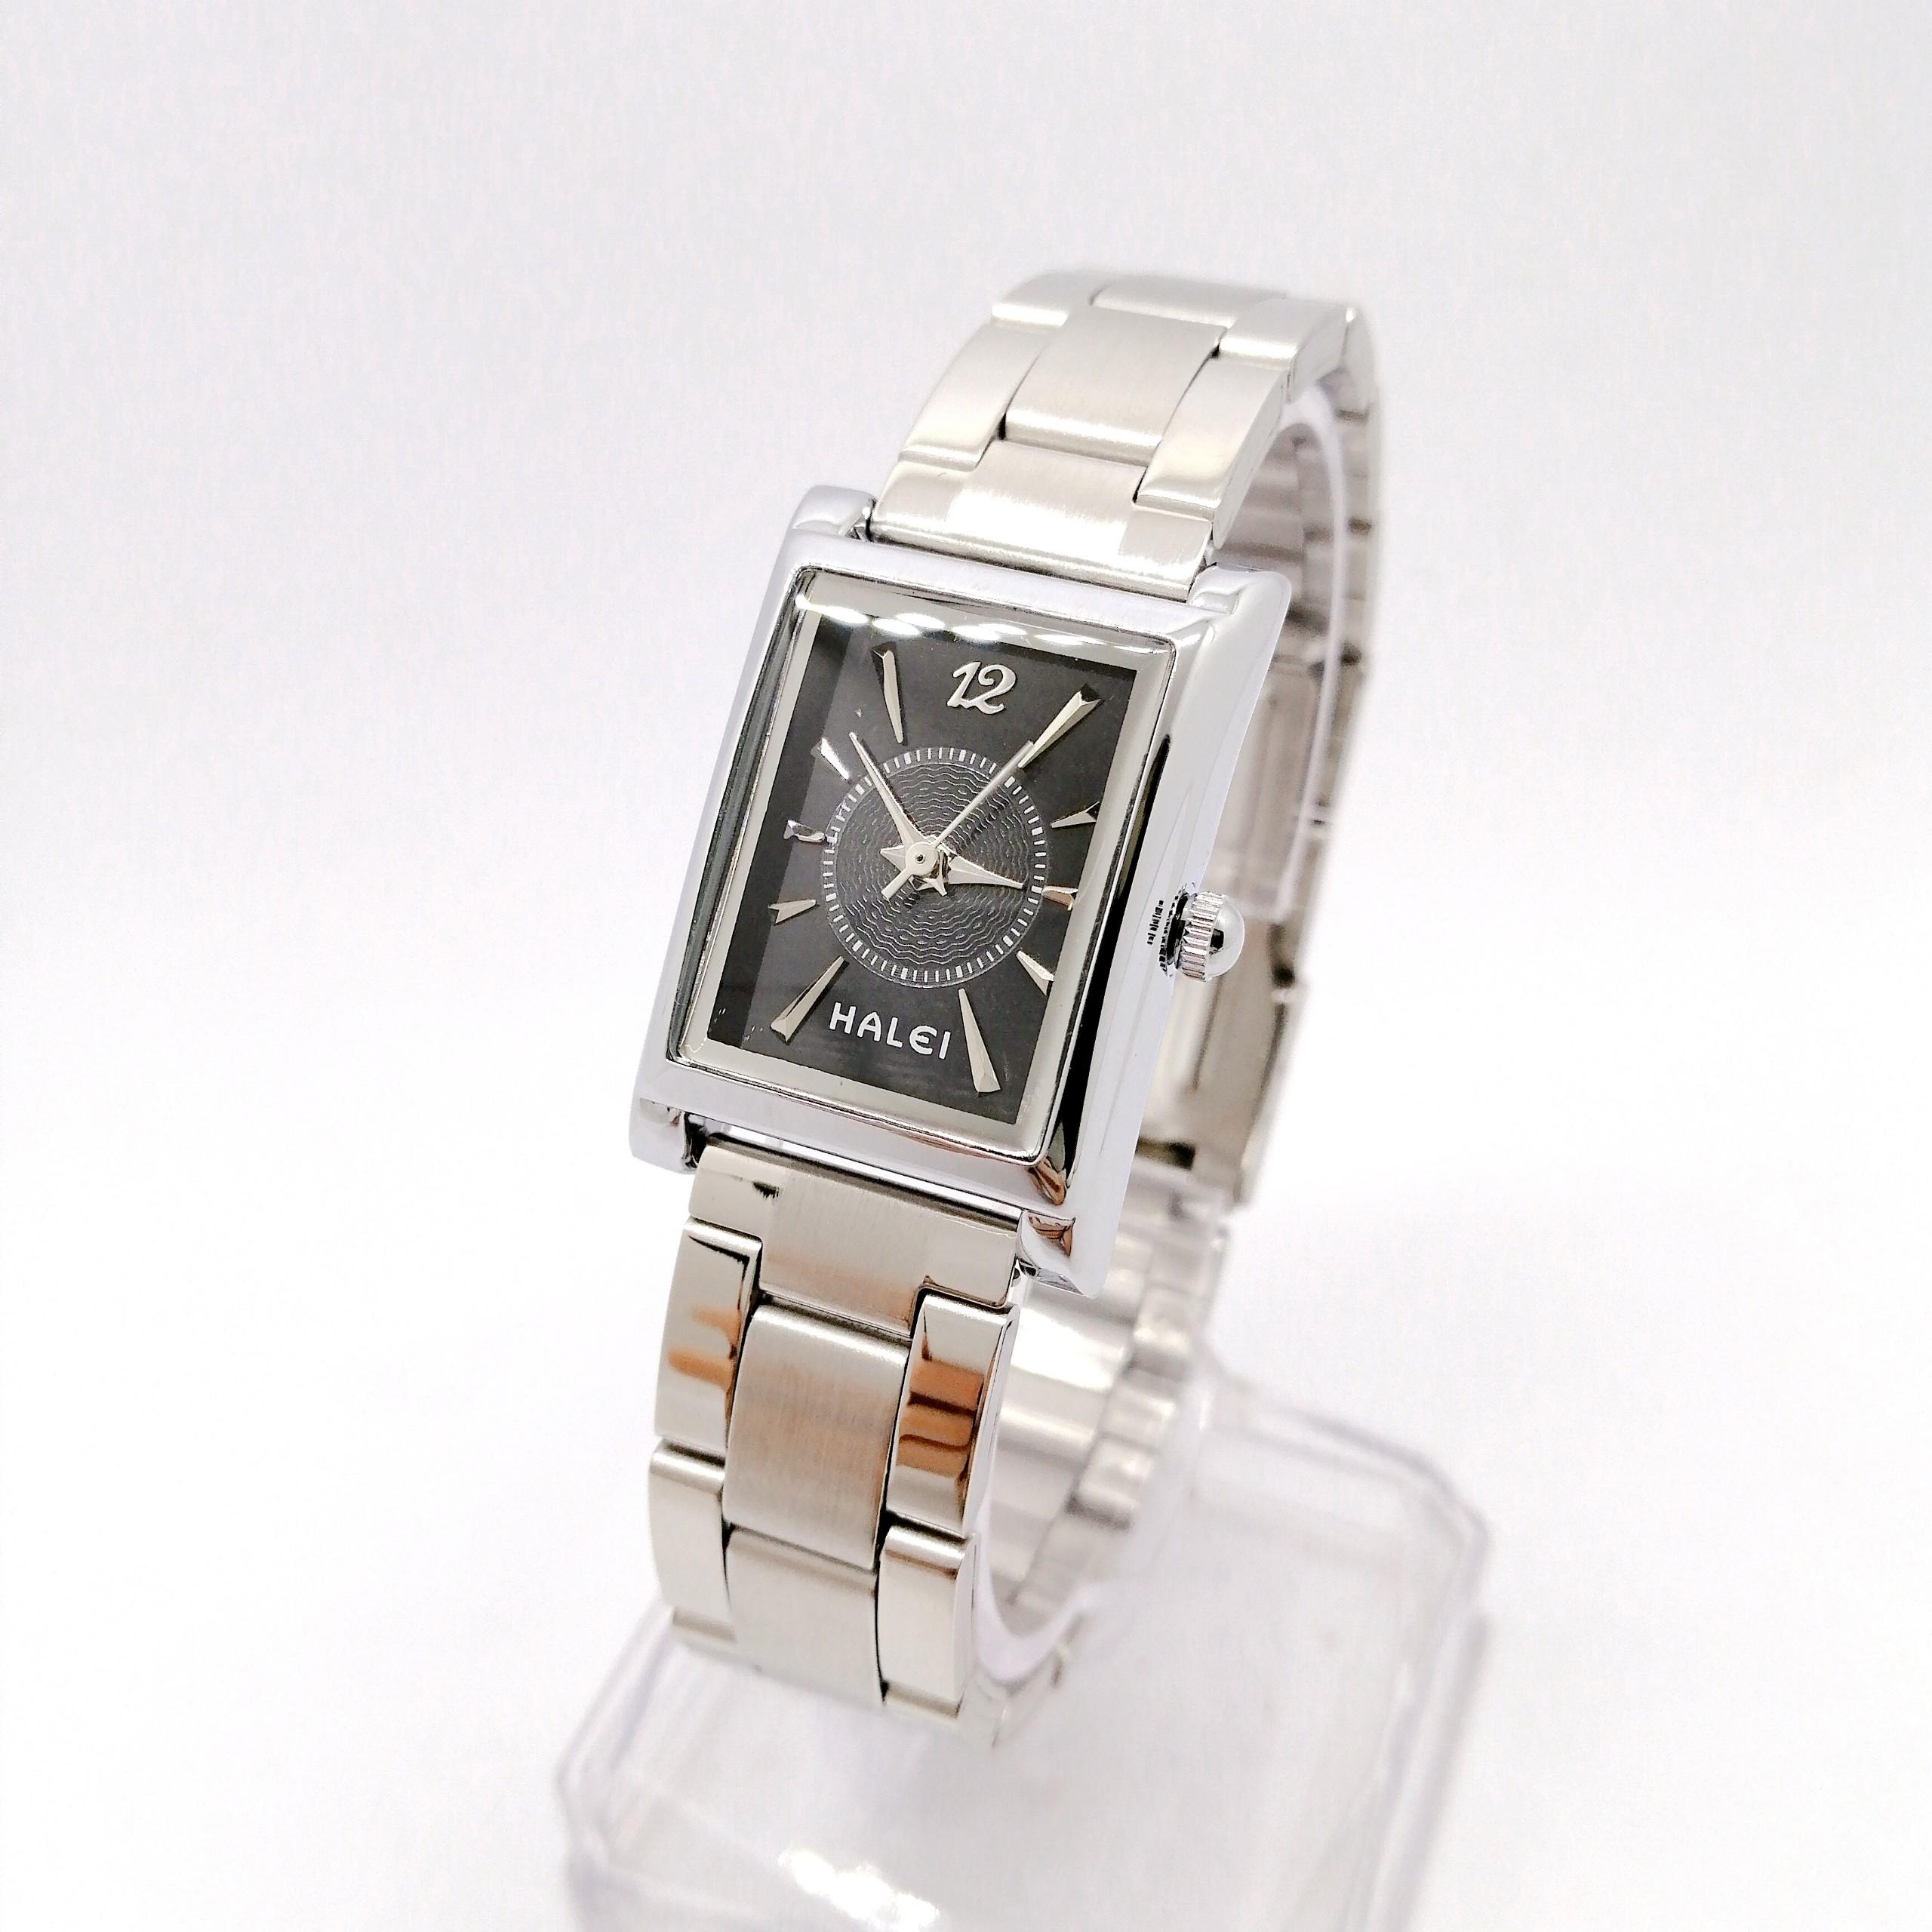 Đồng hồ Nữ Halei  HL425 dây trắng + Tặng Combo TẨY DA CHẾT APPLE WHITE PELLING GEL BEAUSKIN chính hãng